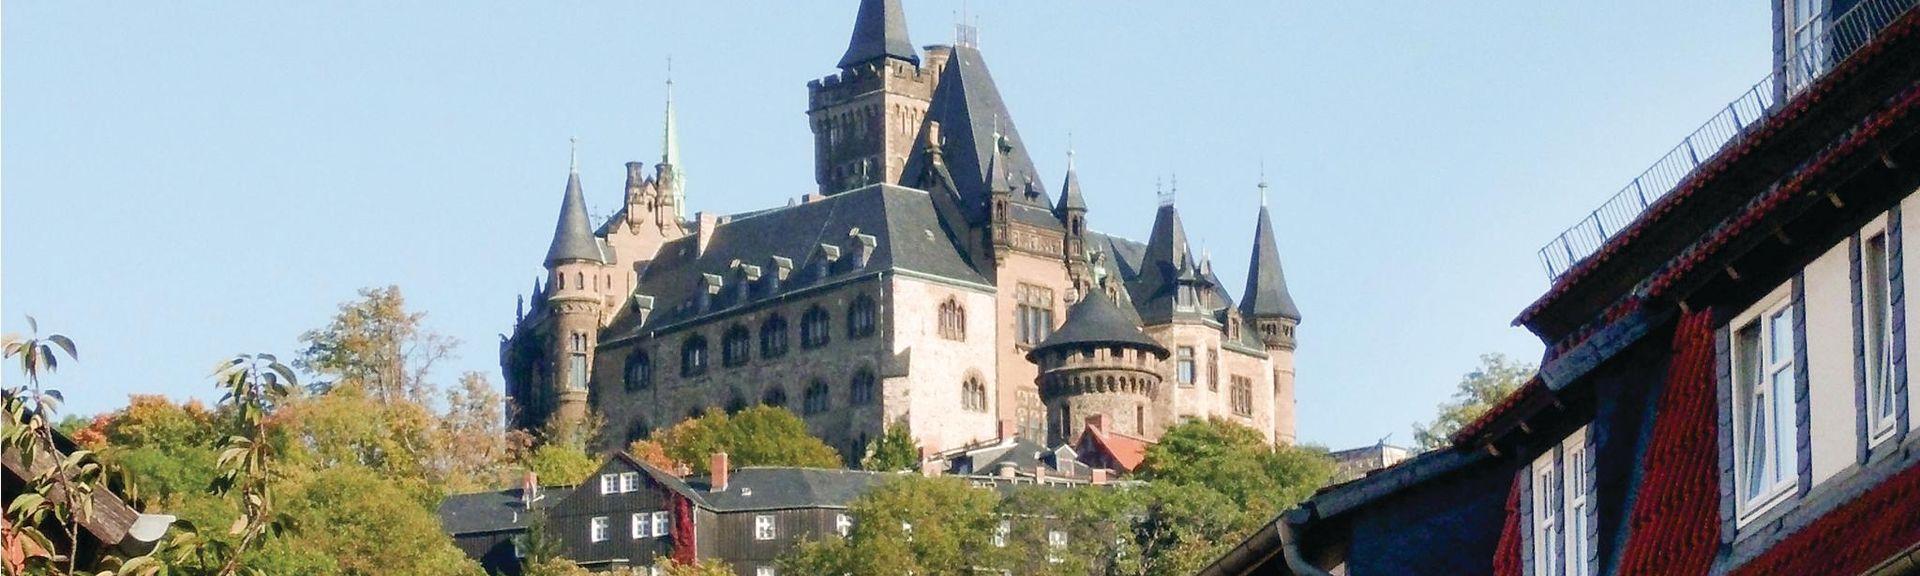 Hecklingen, SA, Allemagne